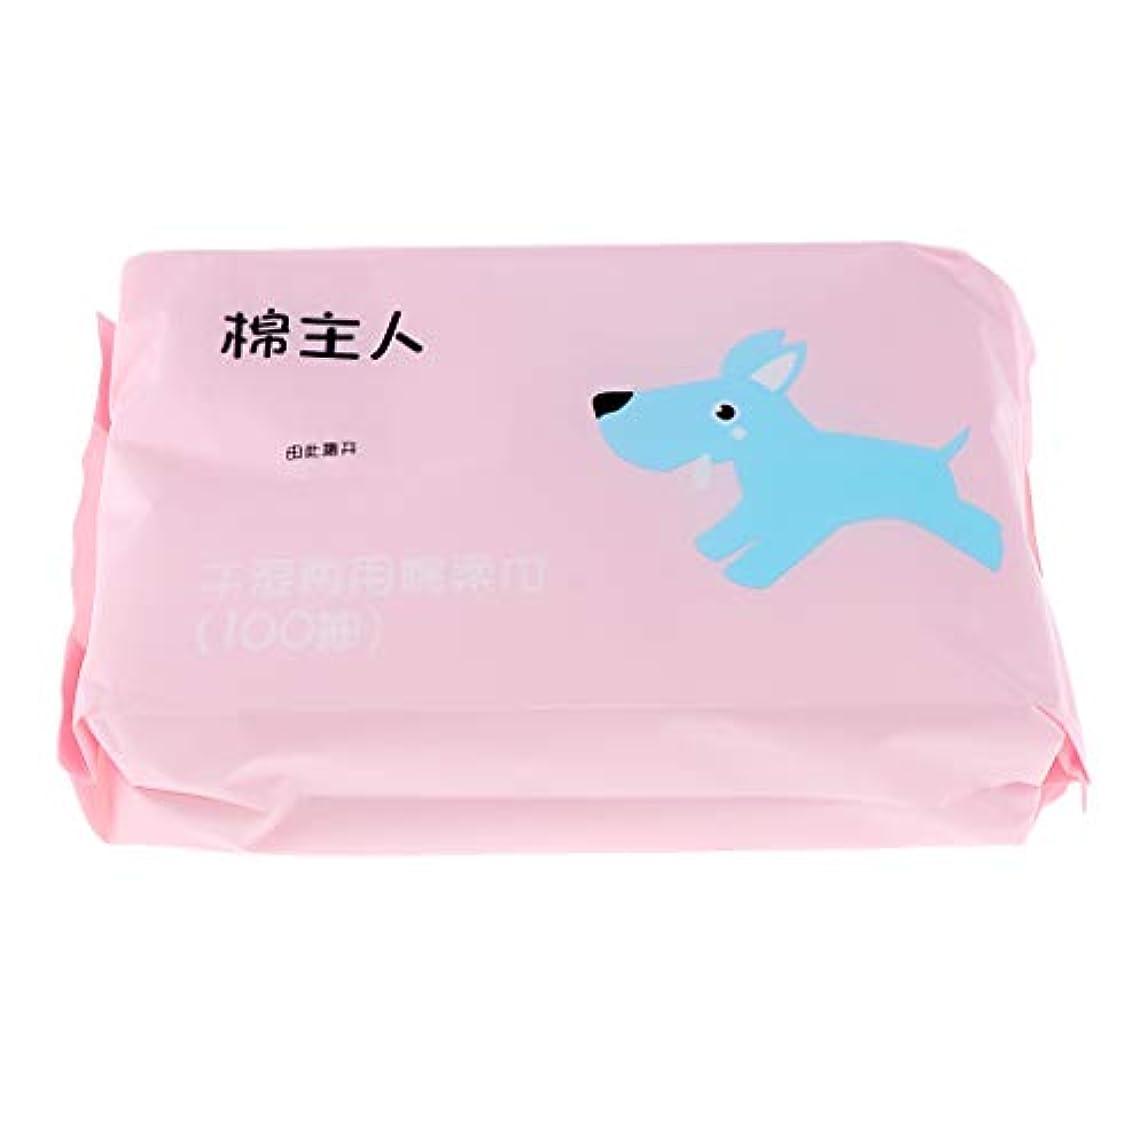 ドライバ満員入るB Baosity 約100枚 使い捨て クレンジングシート ソフト 便利 スキンケア 2色選べ  - ピンク